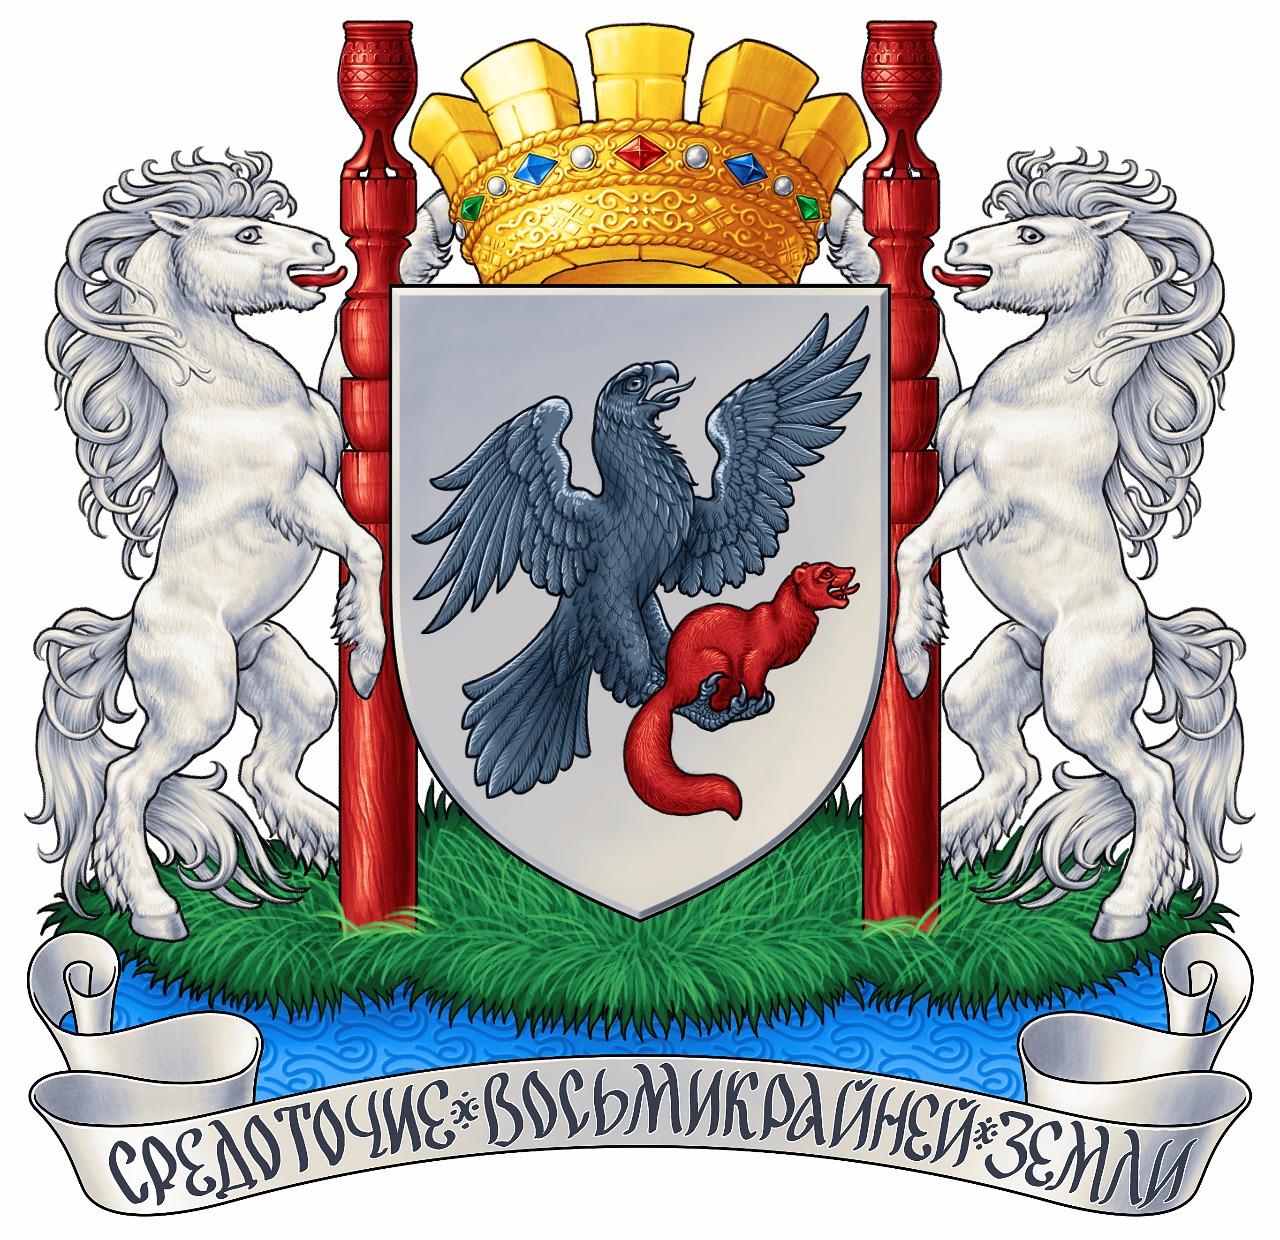 Сегодня день рождения герба города Якутска